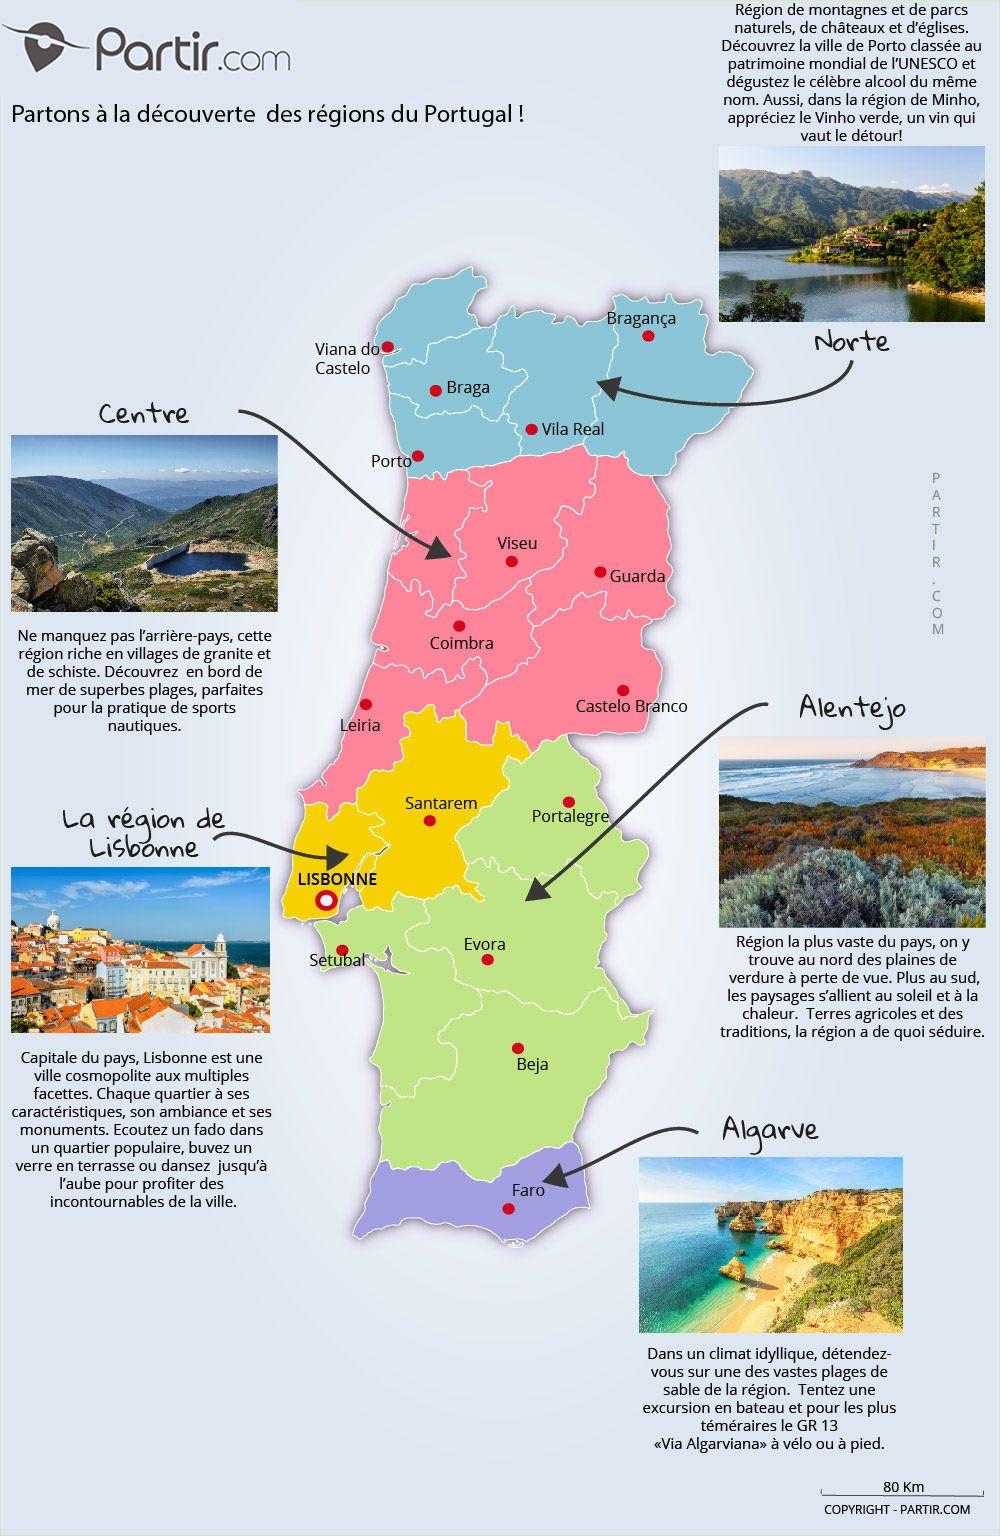 Profitez D Un Apercu Des Cinq Regions Touristiques Du Portugal Avec Notre Carte Gratuite Des Regions Du Portug Carte Portugal Voyage Portugal Carte Touristique